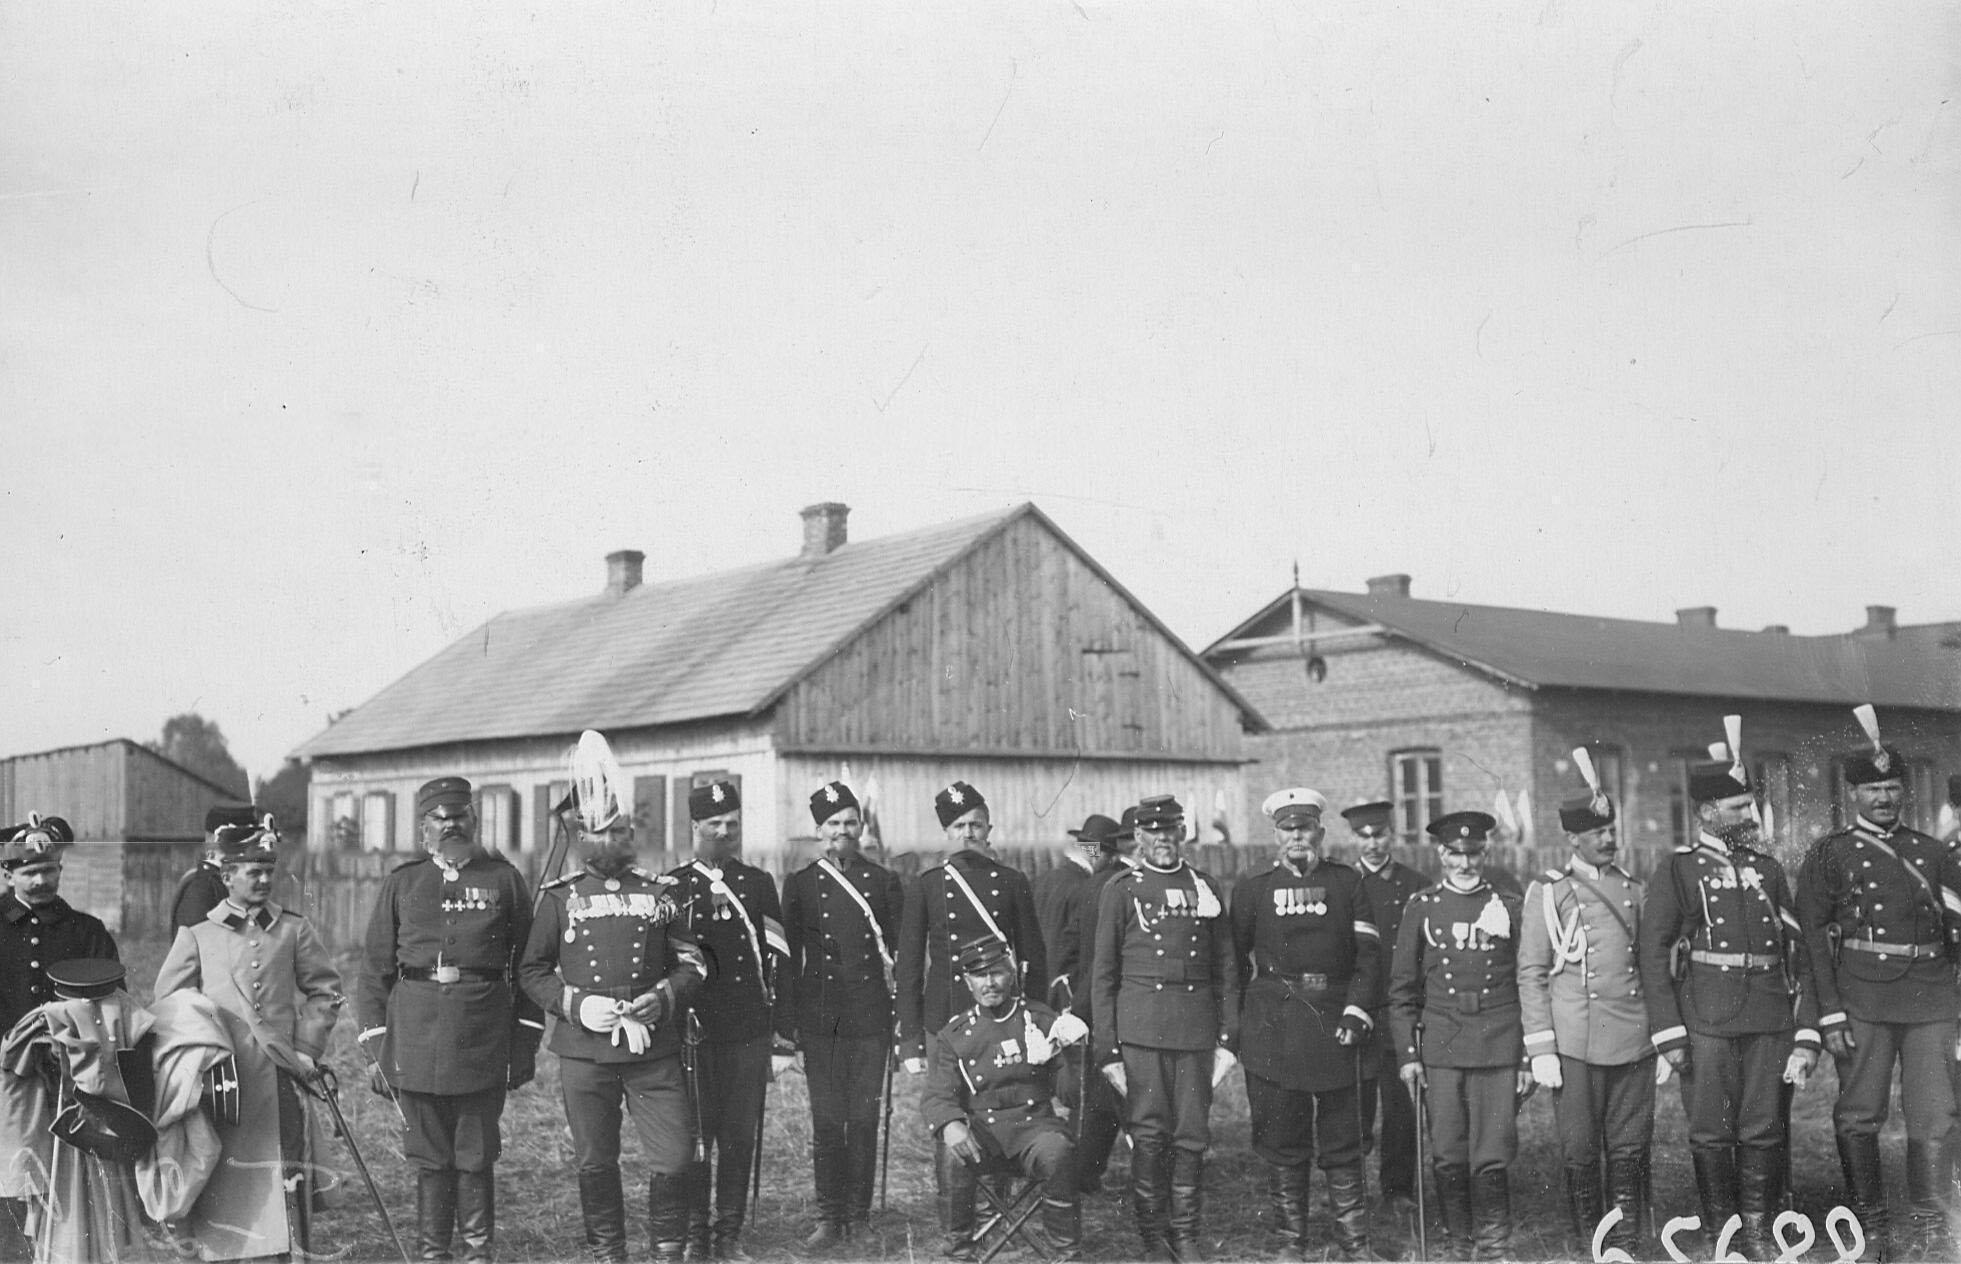 Группа прежде служивших в полку ветеранов , продолжающих службу в других частях и полиции  (слева - денщики германских «гусар смерти»)